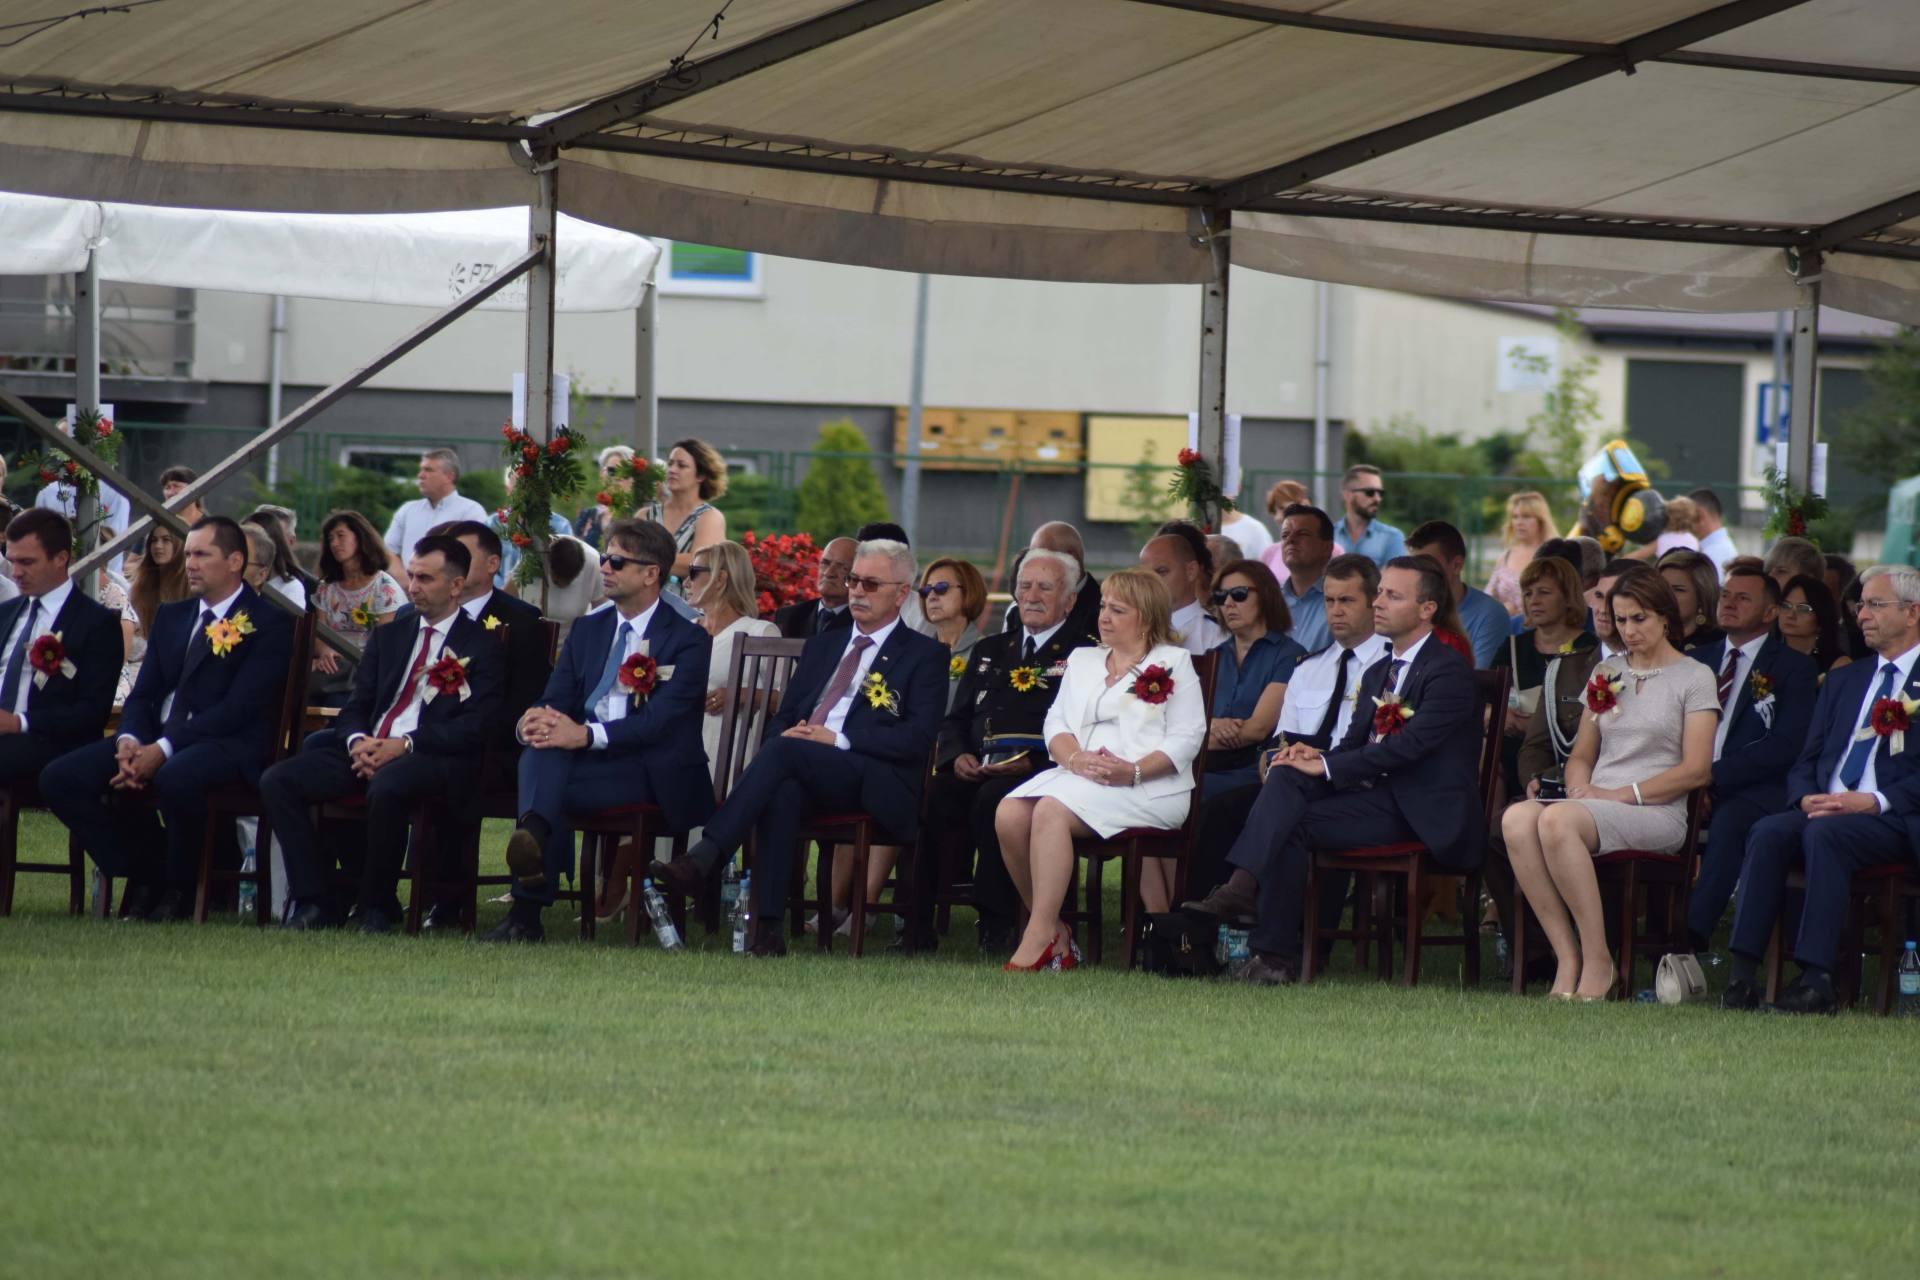 dsc 0051 23 sierpnia odbyły się Dożynki Powiatowo-Gminne w Łabuniach. Publikujemy zdjęcia